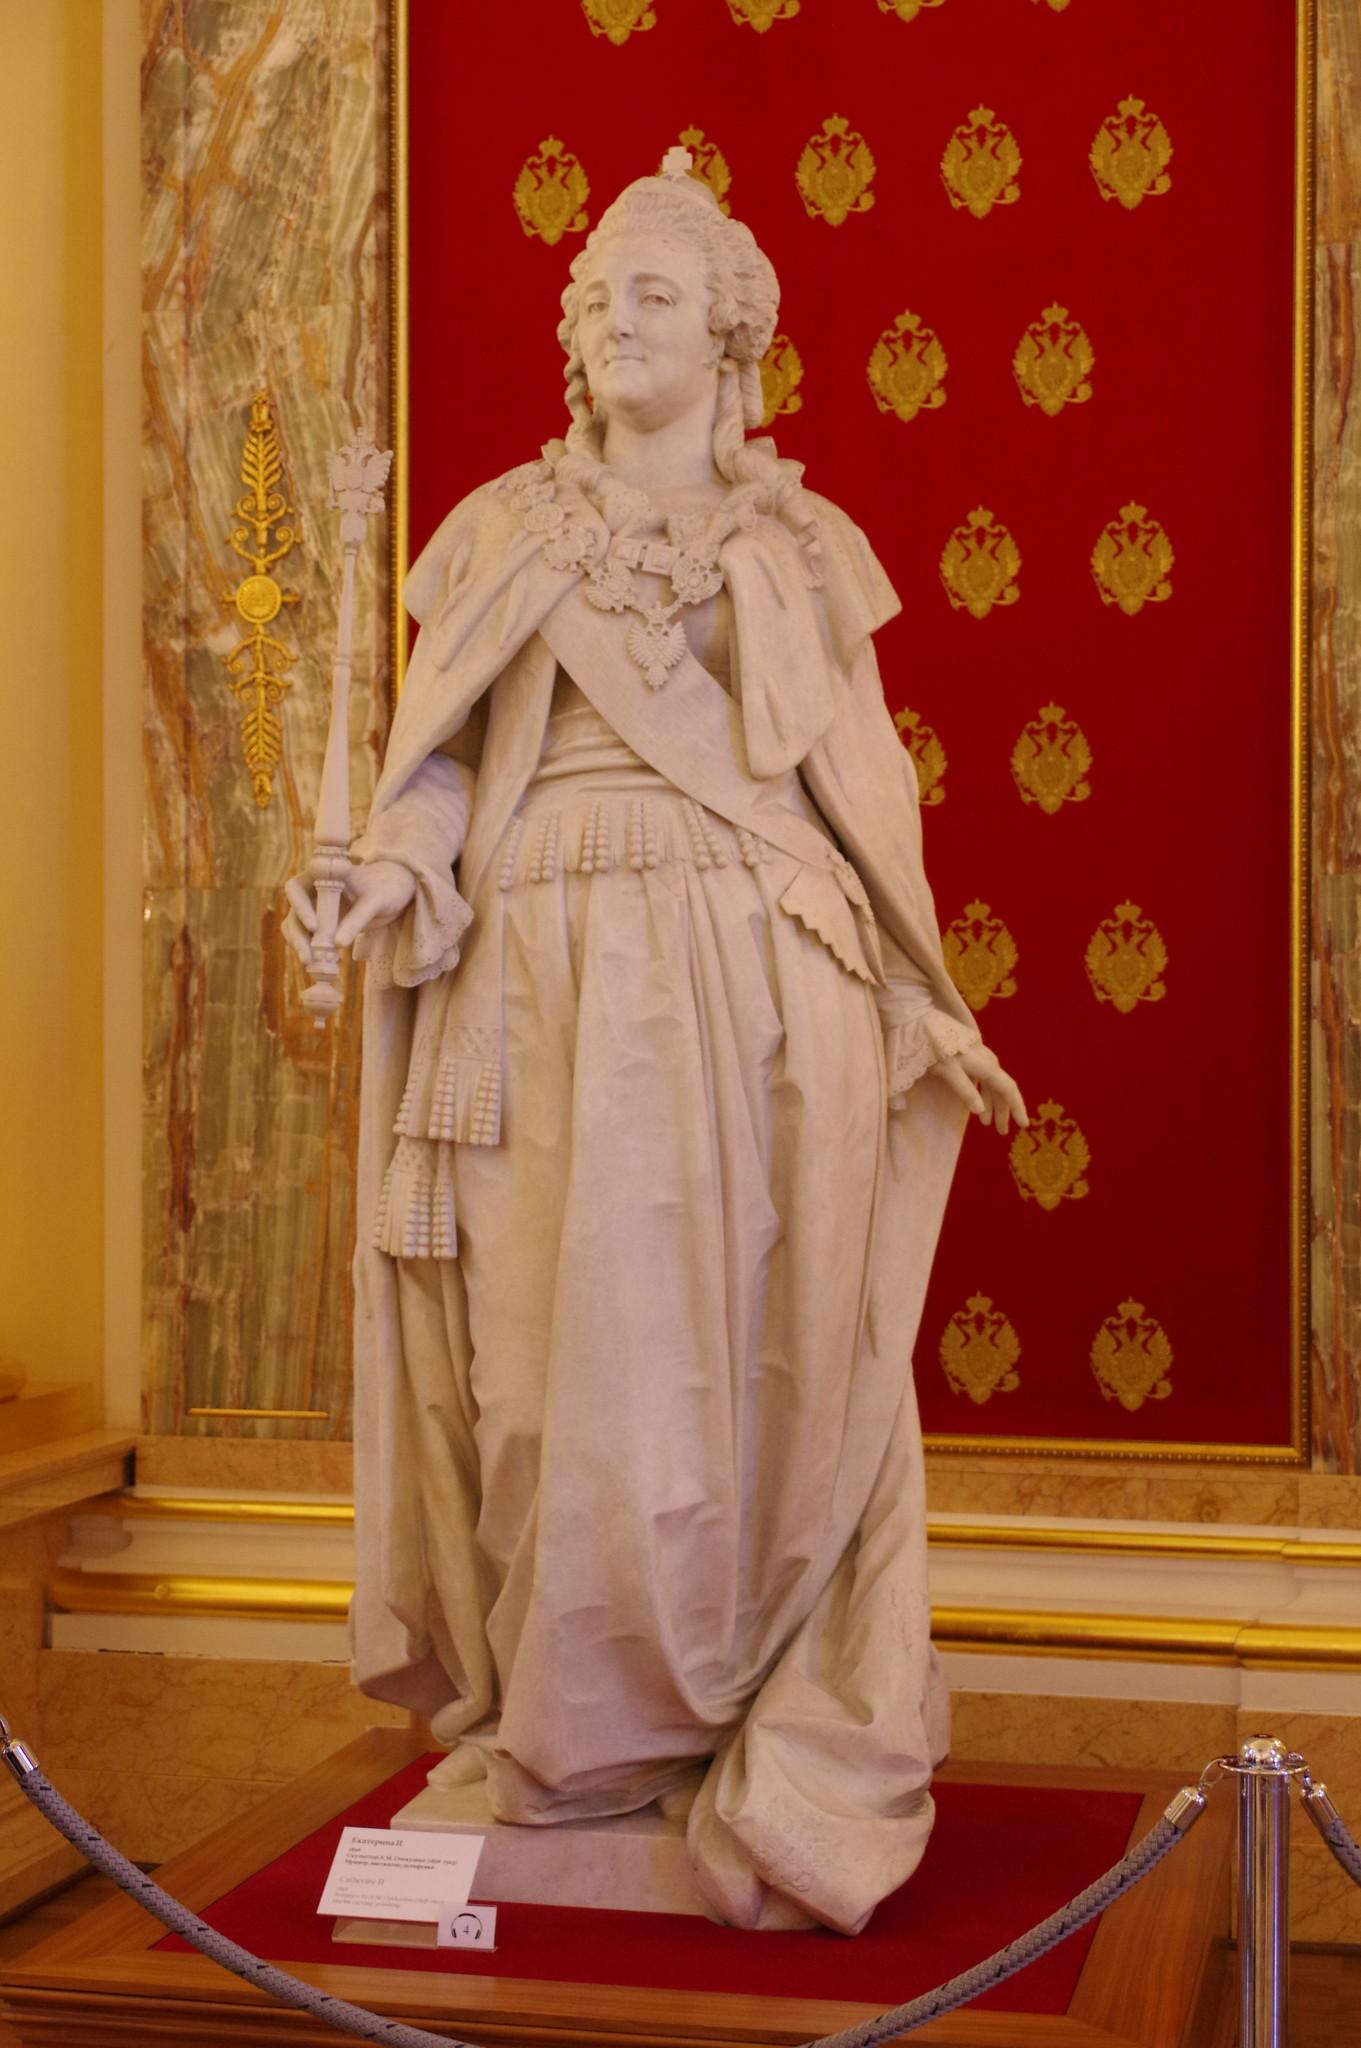 Екатерина II. 1896 г. Скульптор А.М. Опекушин (1838-1923). Мрамор, высекание, шлифовка. Большой дворец музея-заповедника «Царицыно»